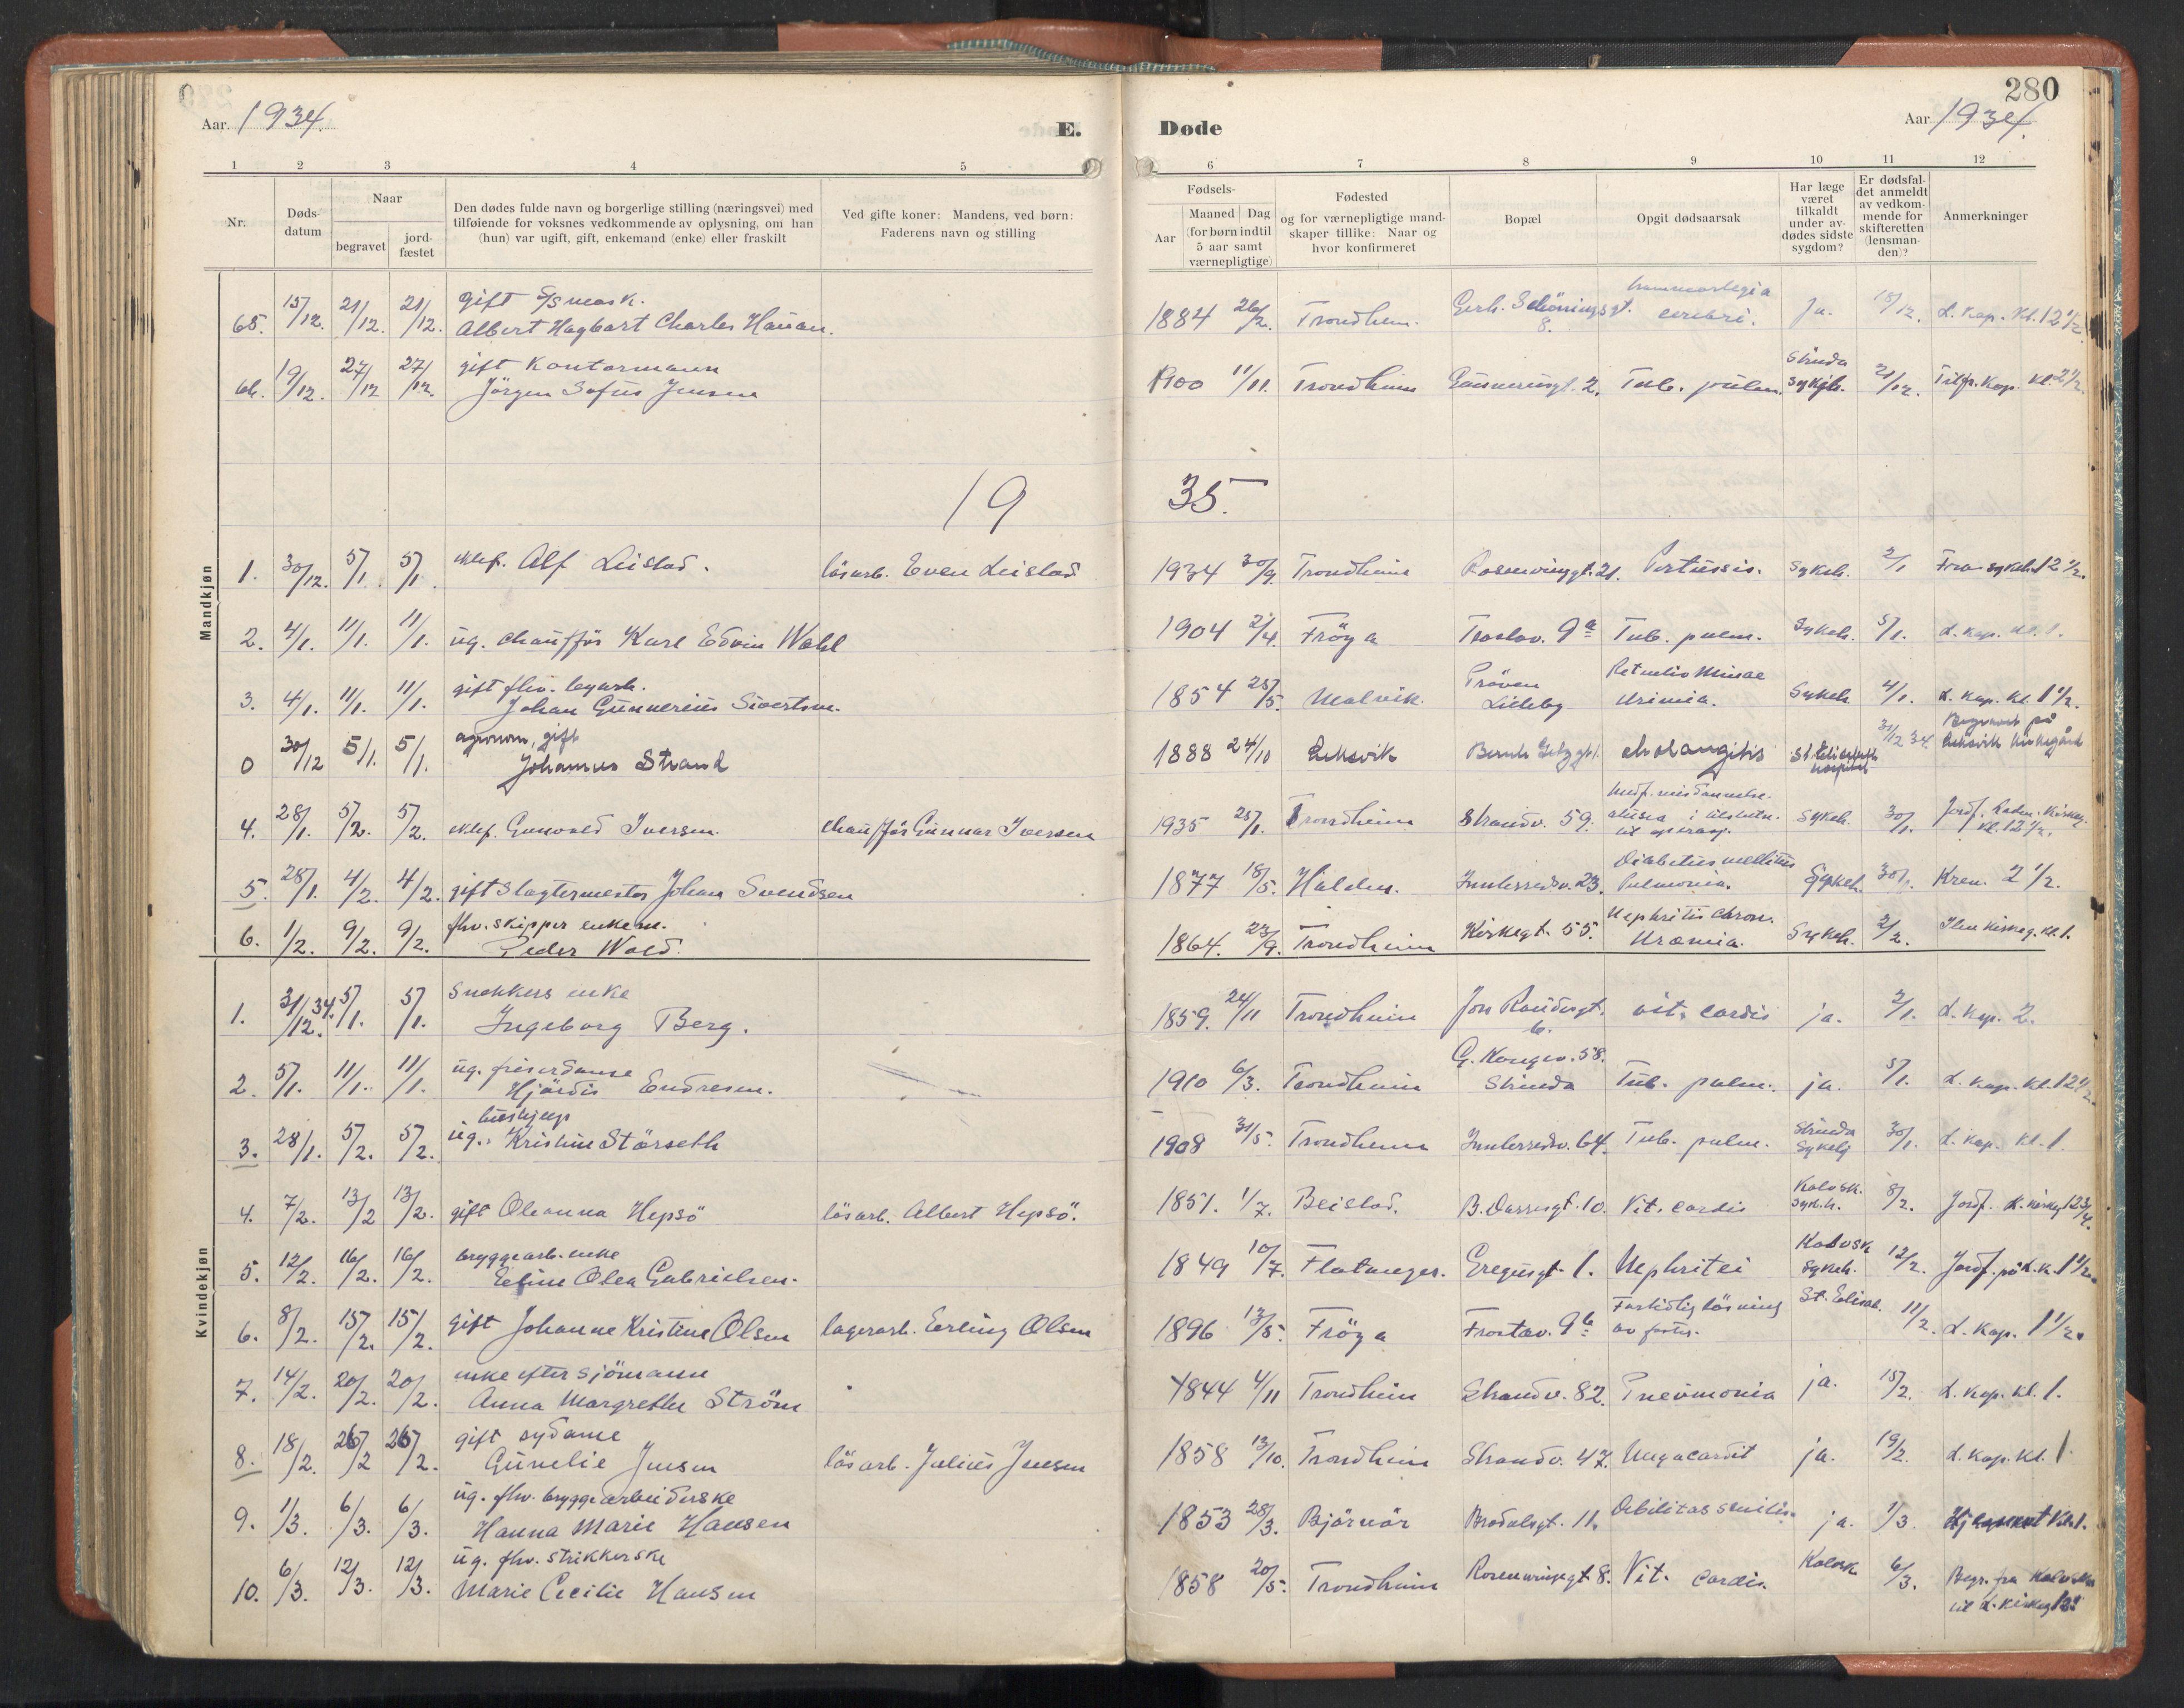 SAT, Ministerialprotokoller, klokkerbøker og fødselsregistre - Sør-Trøndelag, 605/L0245: Ministerialbok nr. 605A07, 1916-1938, s. 280